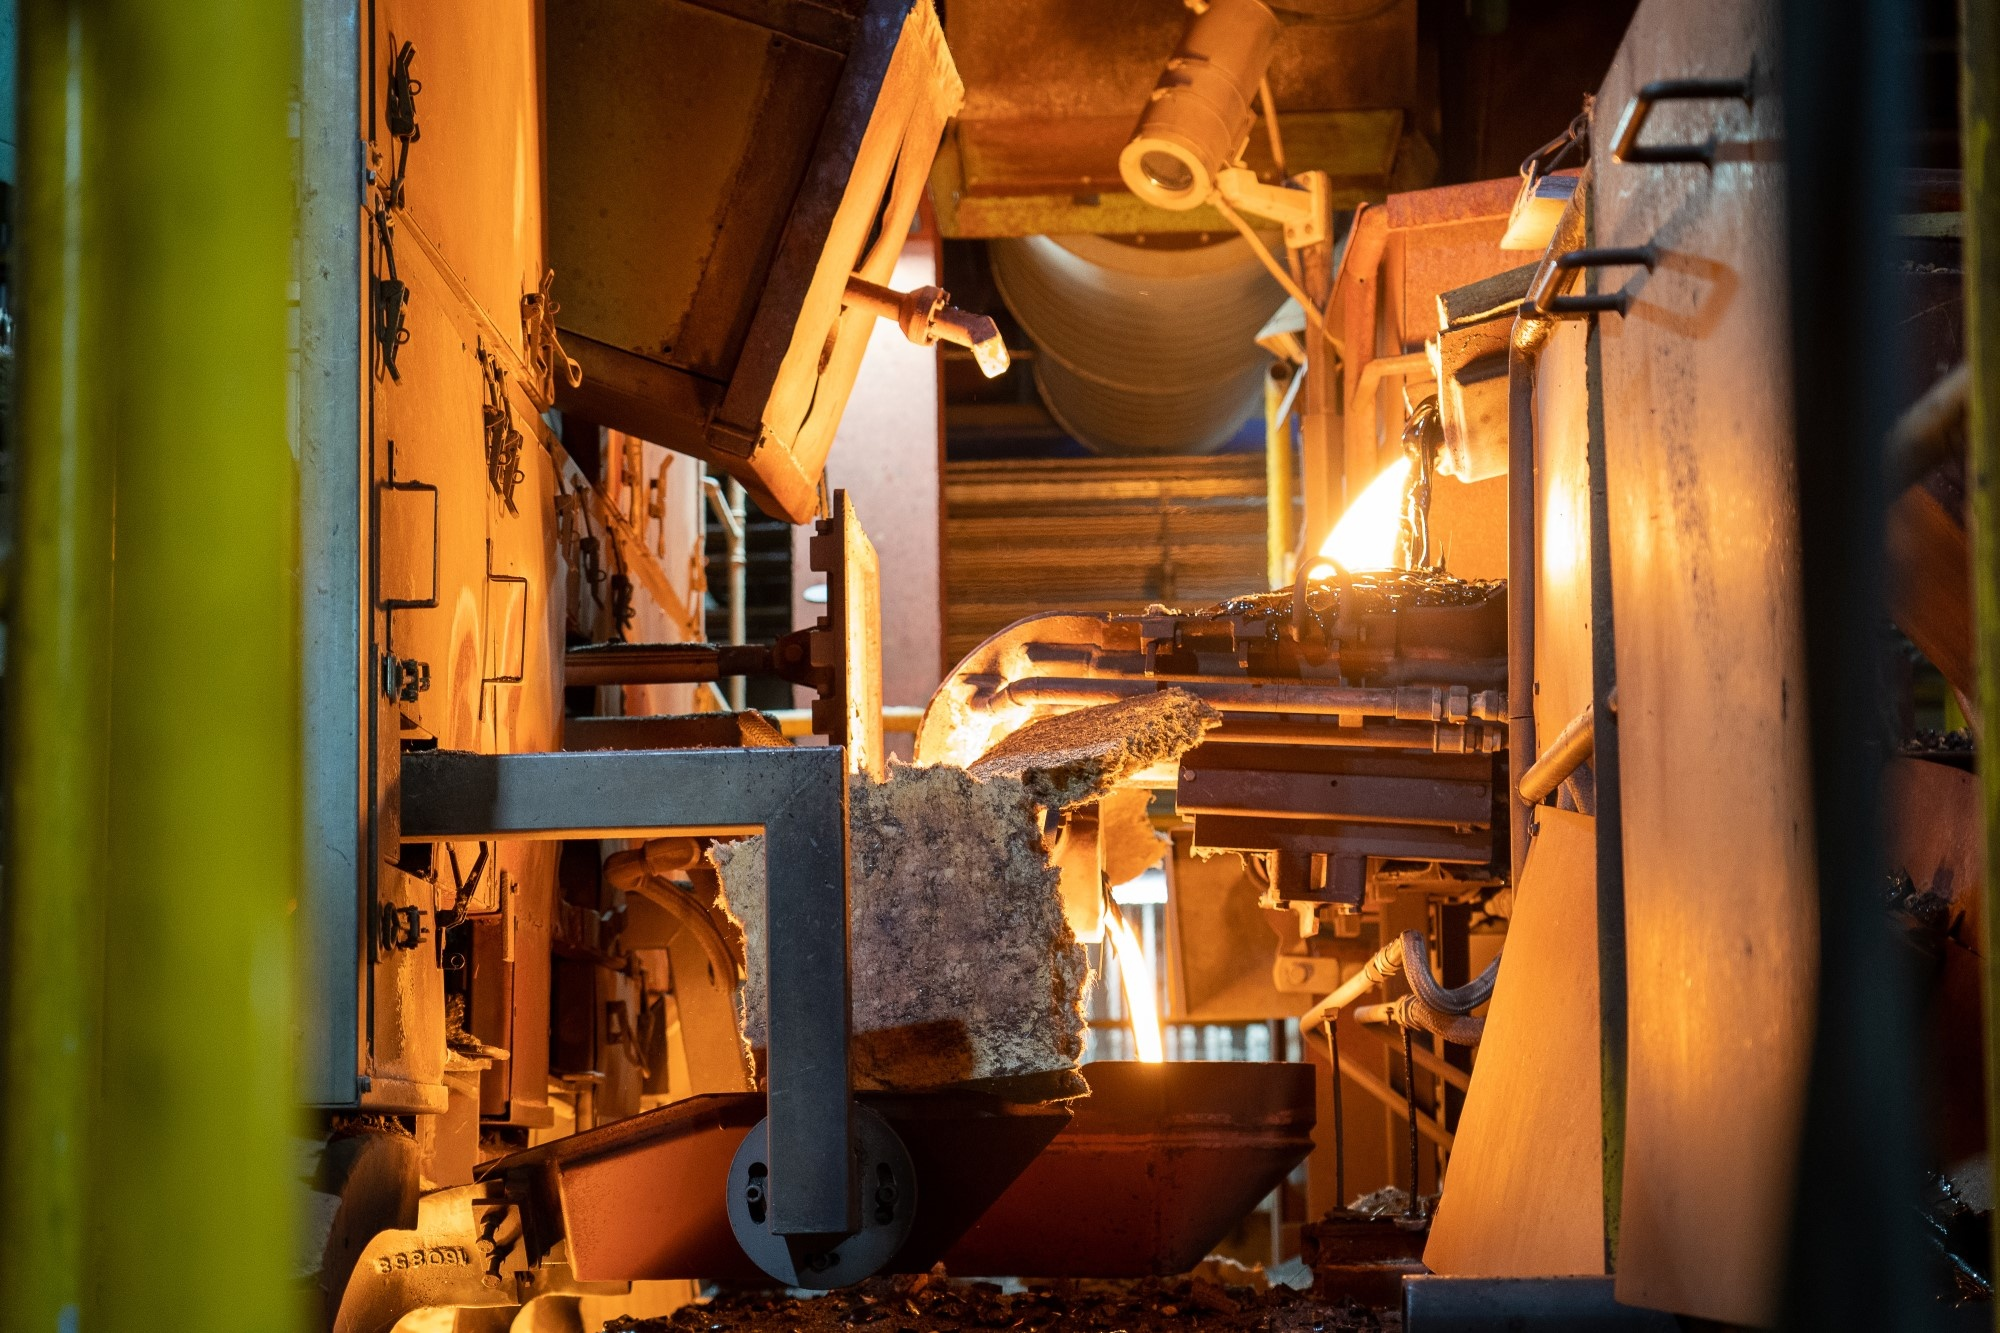 ROCKWOOL åbner for den grønne hane og viser vejen for energiintensiv industri